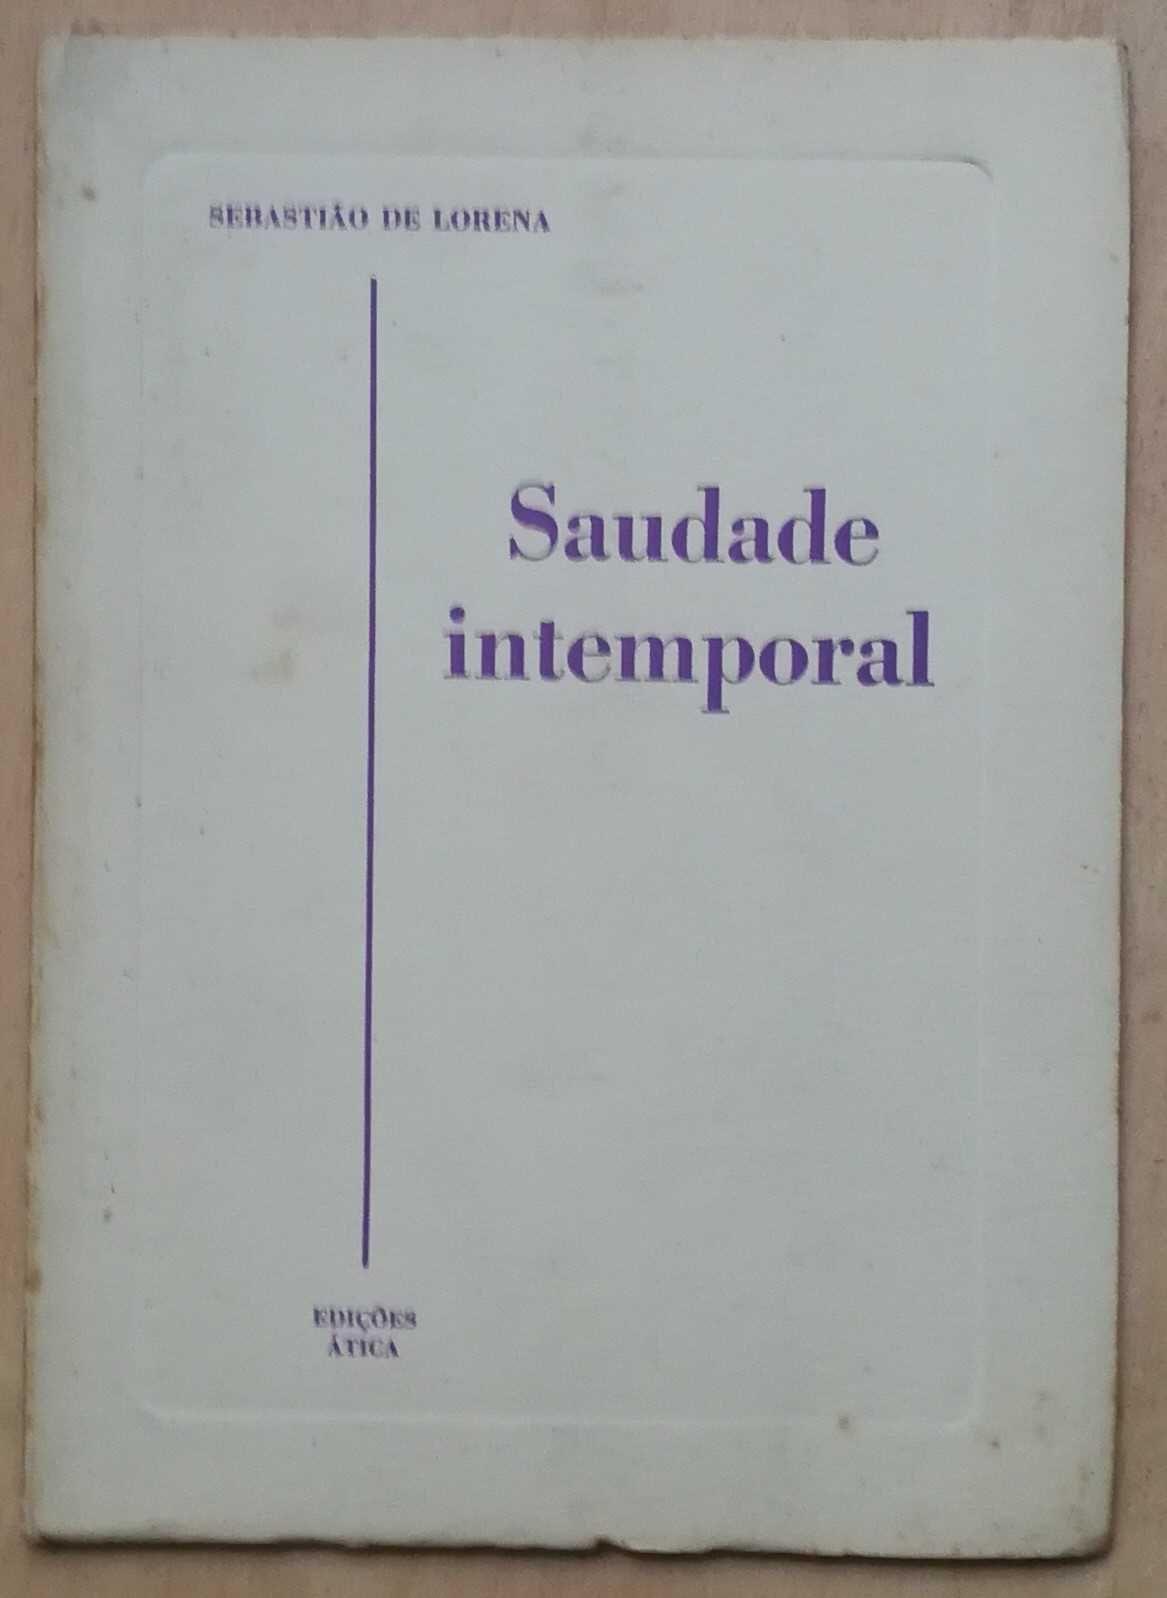 saudade intemporal, sebastião de lorena, edições ática